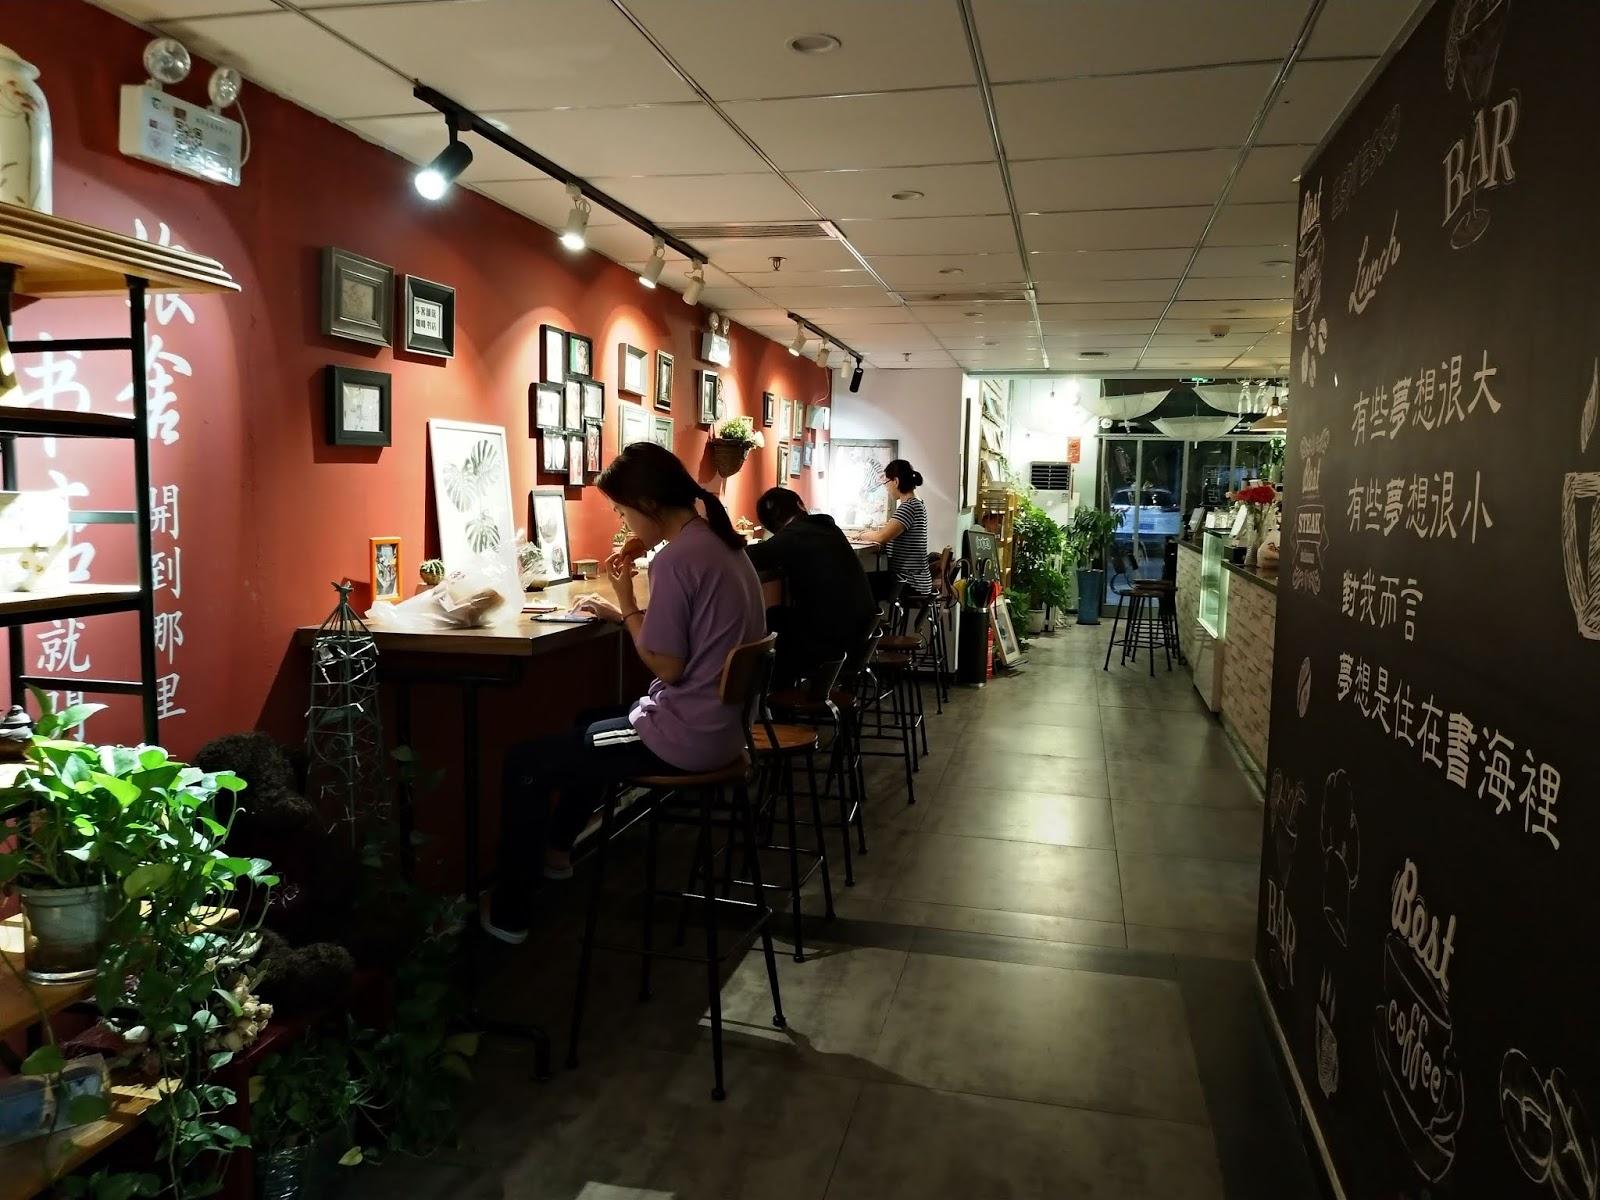 【北京住宿分享】步客奇緣 咖啡/書店/青年旅館 - 媽媽帶妳去浪跡天涯 ★ 跨越9個時區的旅程